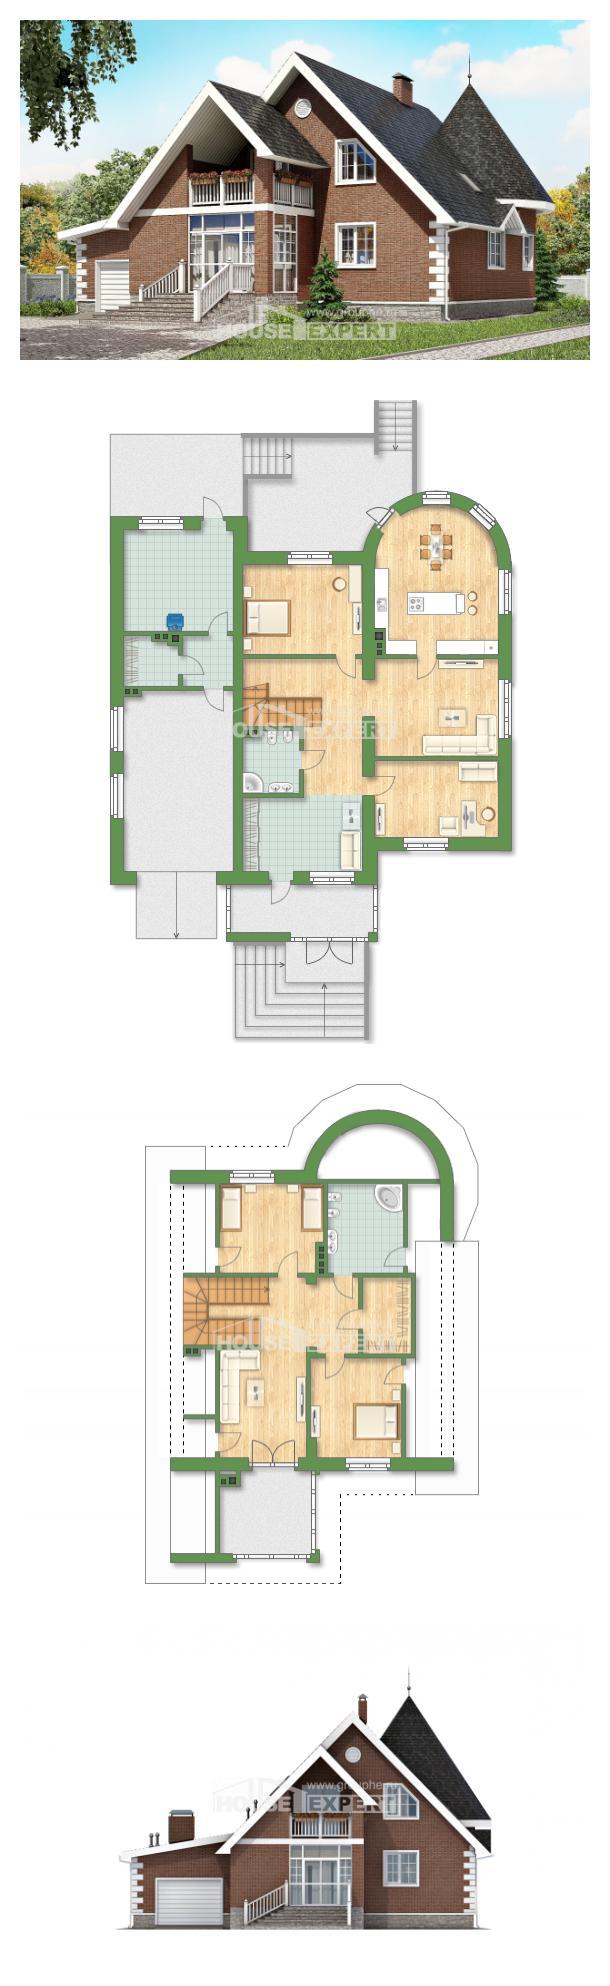 Plan 220-002-L | House Expert